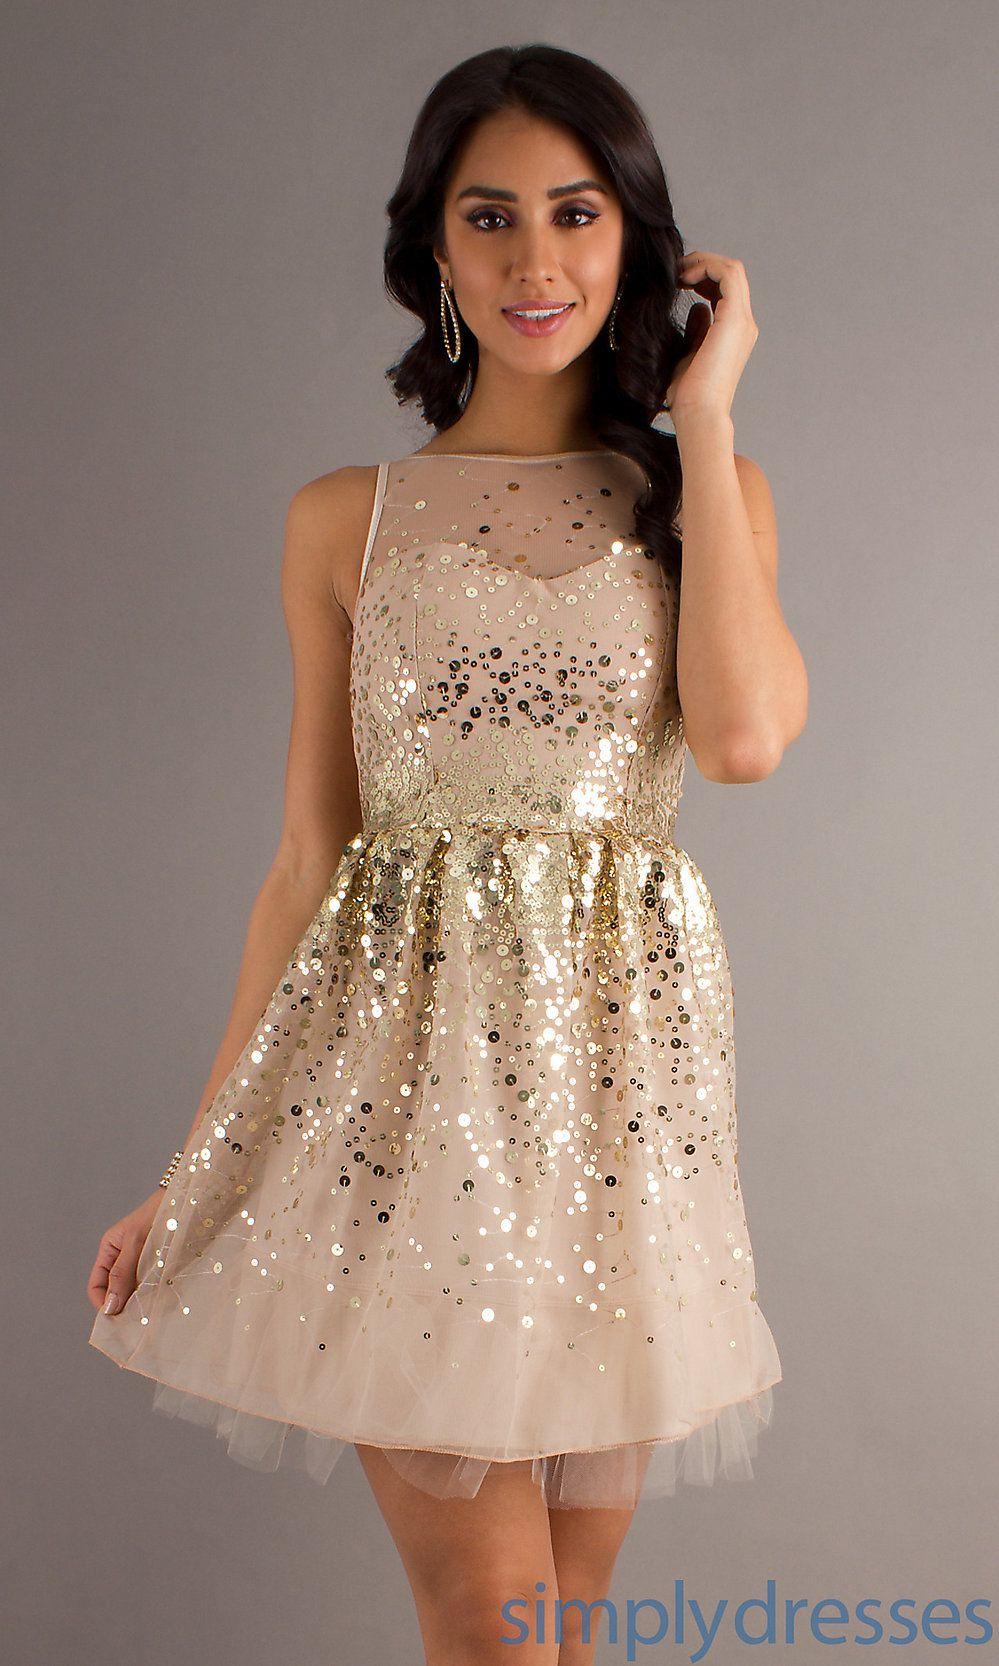 ce68afd0050 Sequin Short Sleeveless Dress